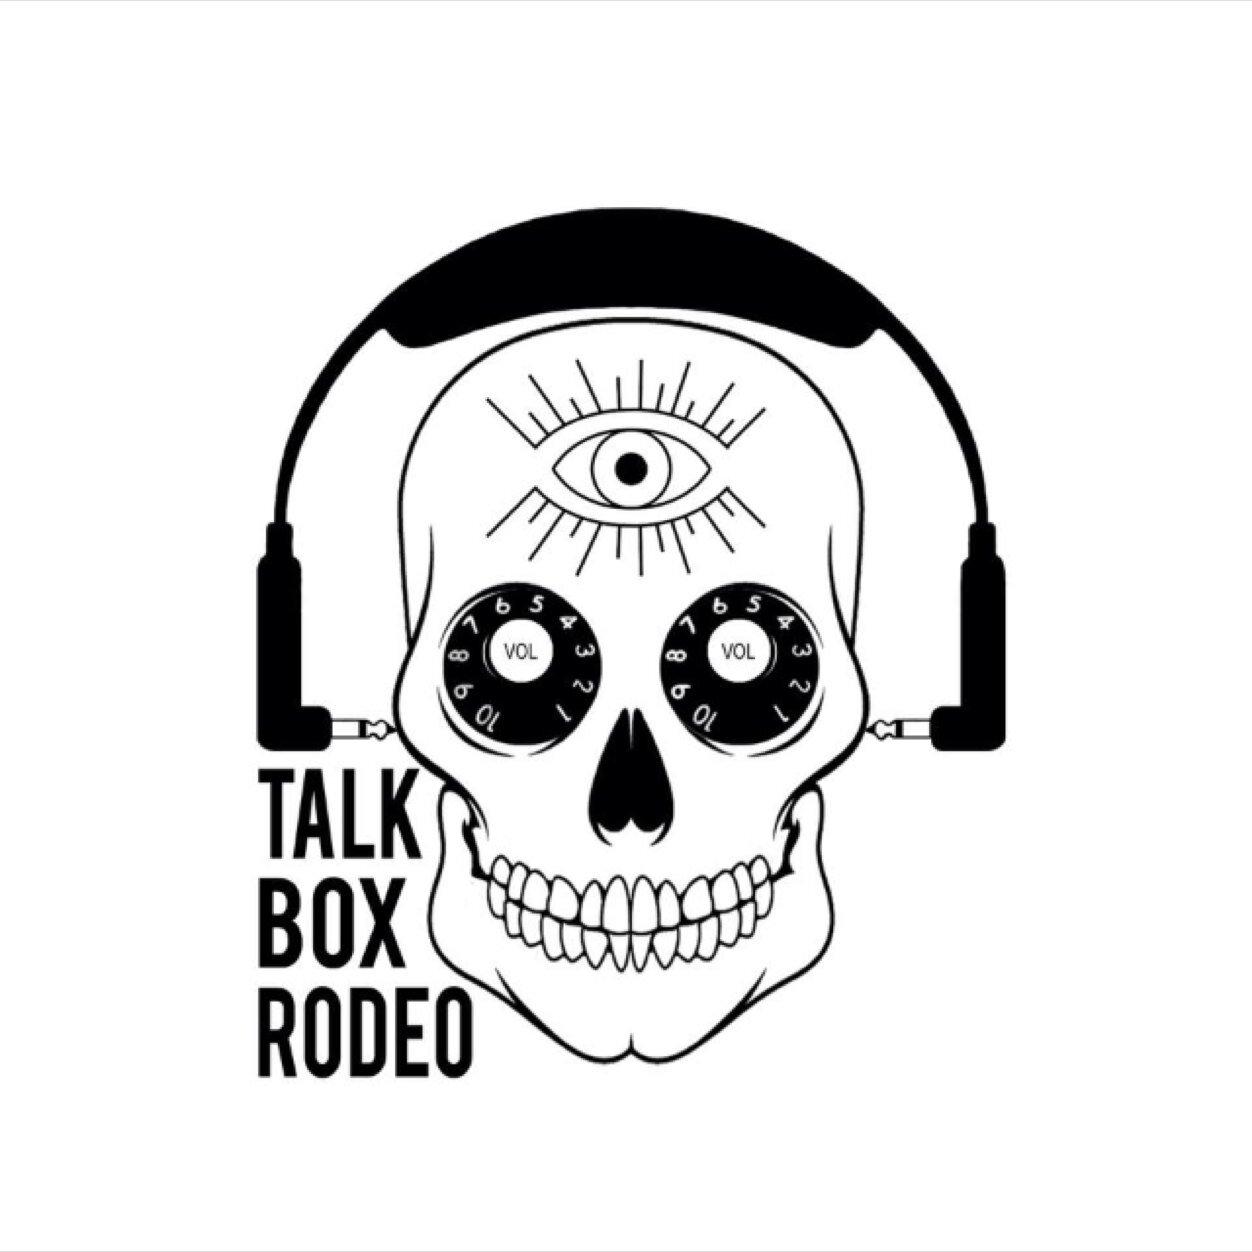 Talk Box Rodeo Talkboxrodeo